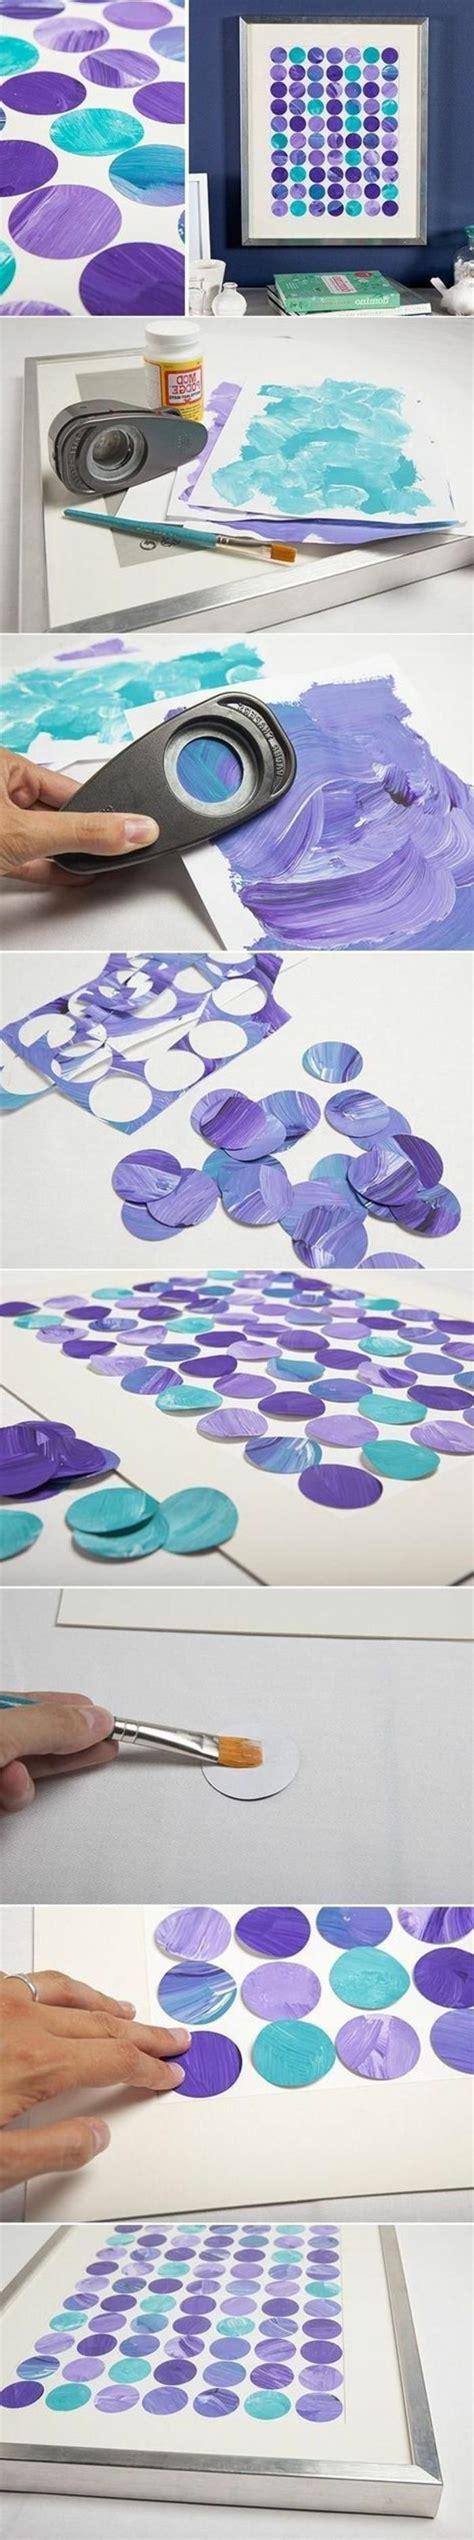 Wanddeko Selber Machen Papier by Die Besten 25 Wanddeko Selber Machen Ideen Auf